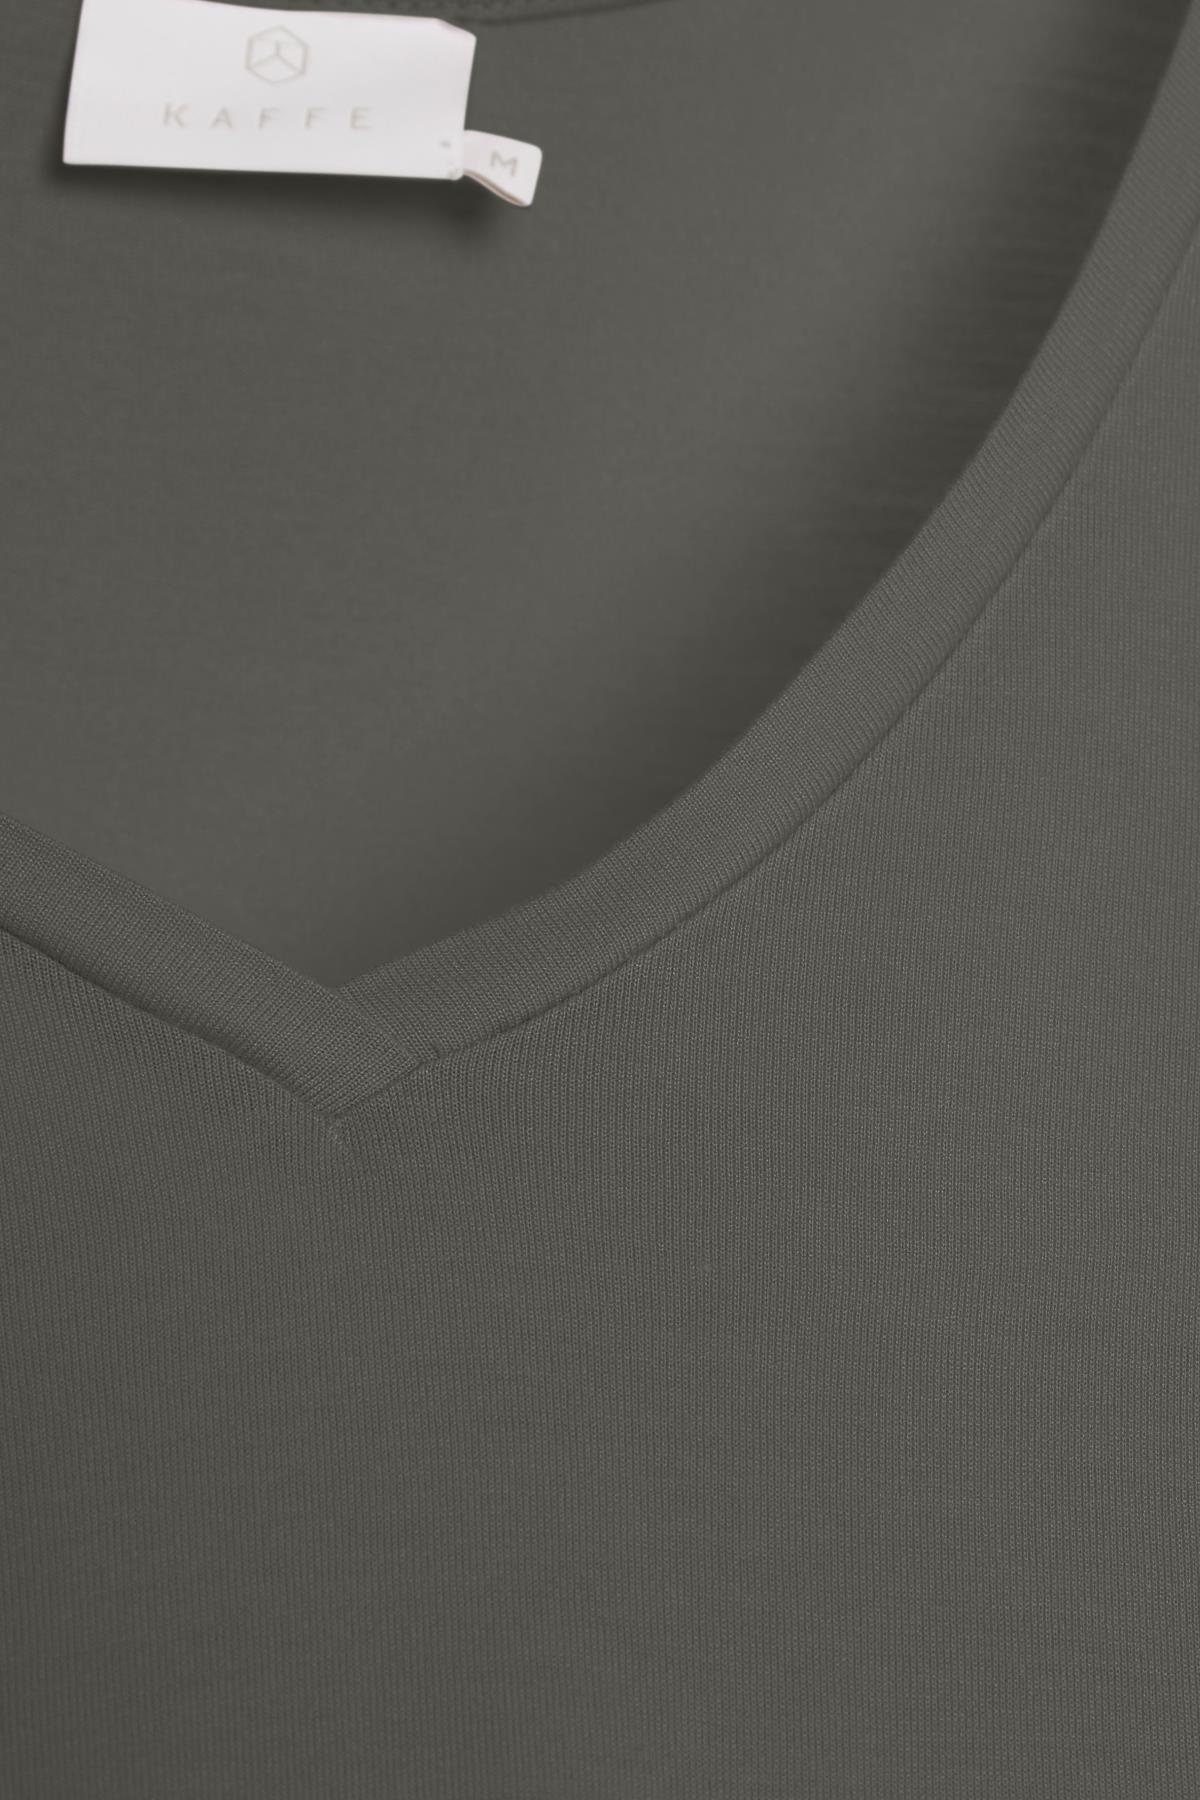 Mörk gråmelerad Kortärmad T-shirt från Kaffe – Köp Mörk gråmelerad Kortärmad T-shirt från stl. XS-XXL här